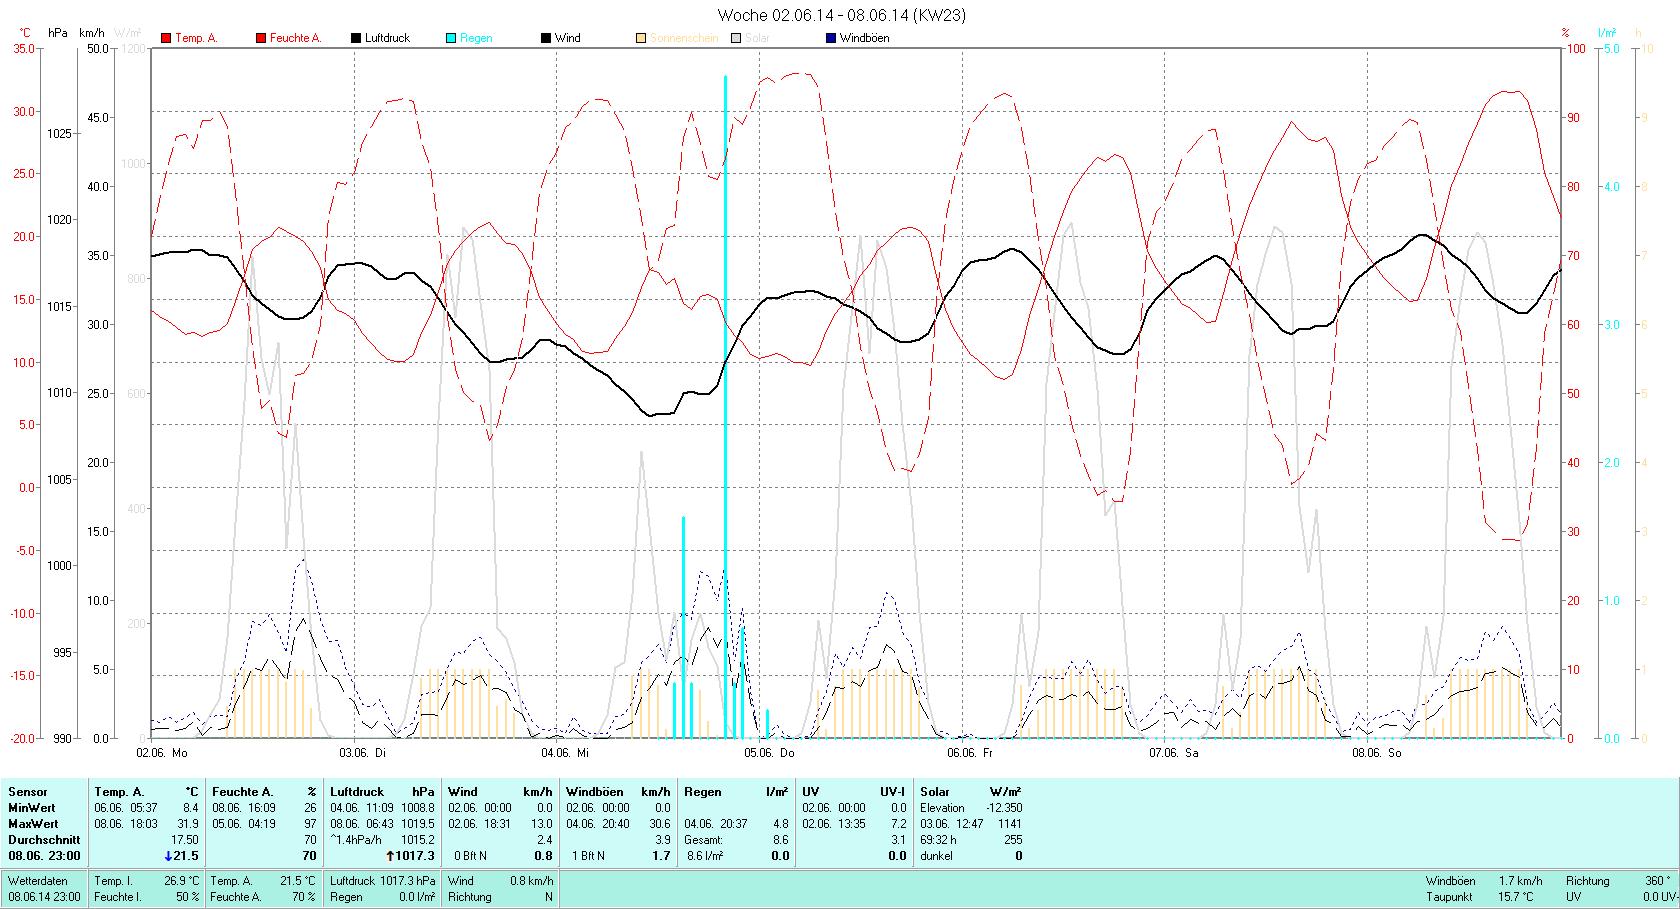 KW 23 Tmin  8.4°C, Tmax 31.9°C, Sonne 69:32h, Niederschlag 8.6mm/2